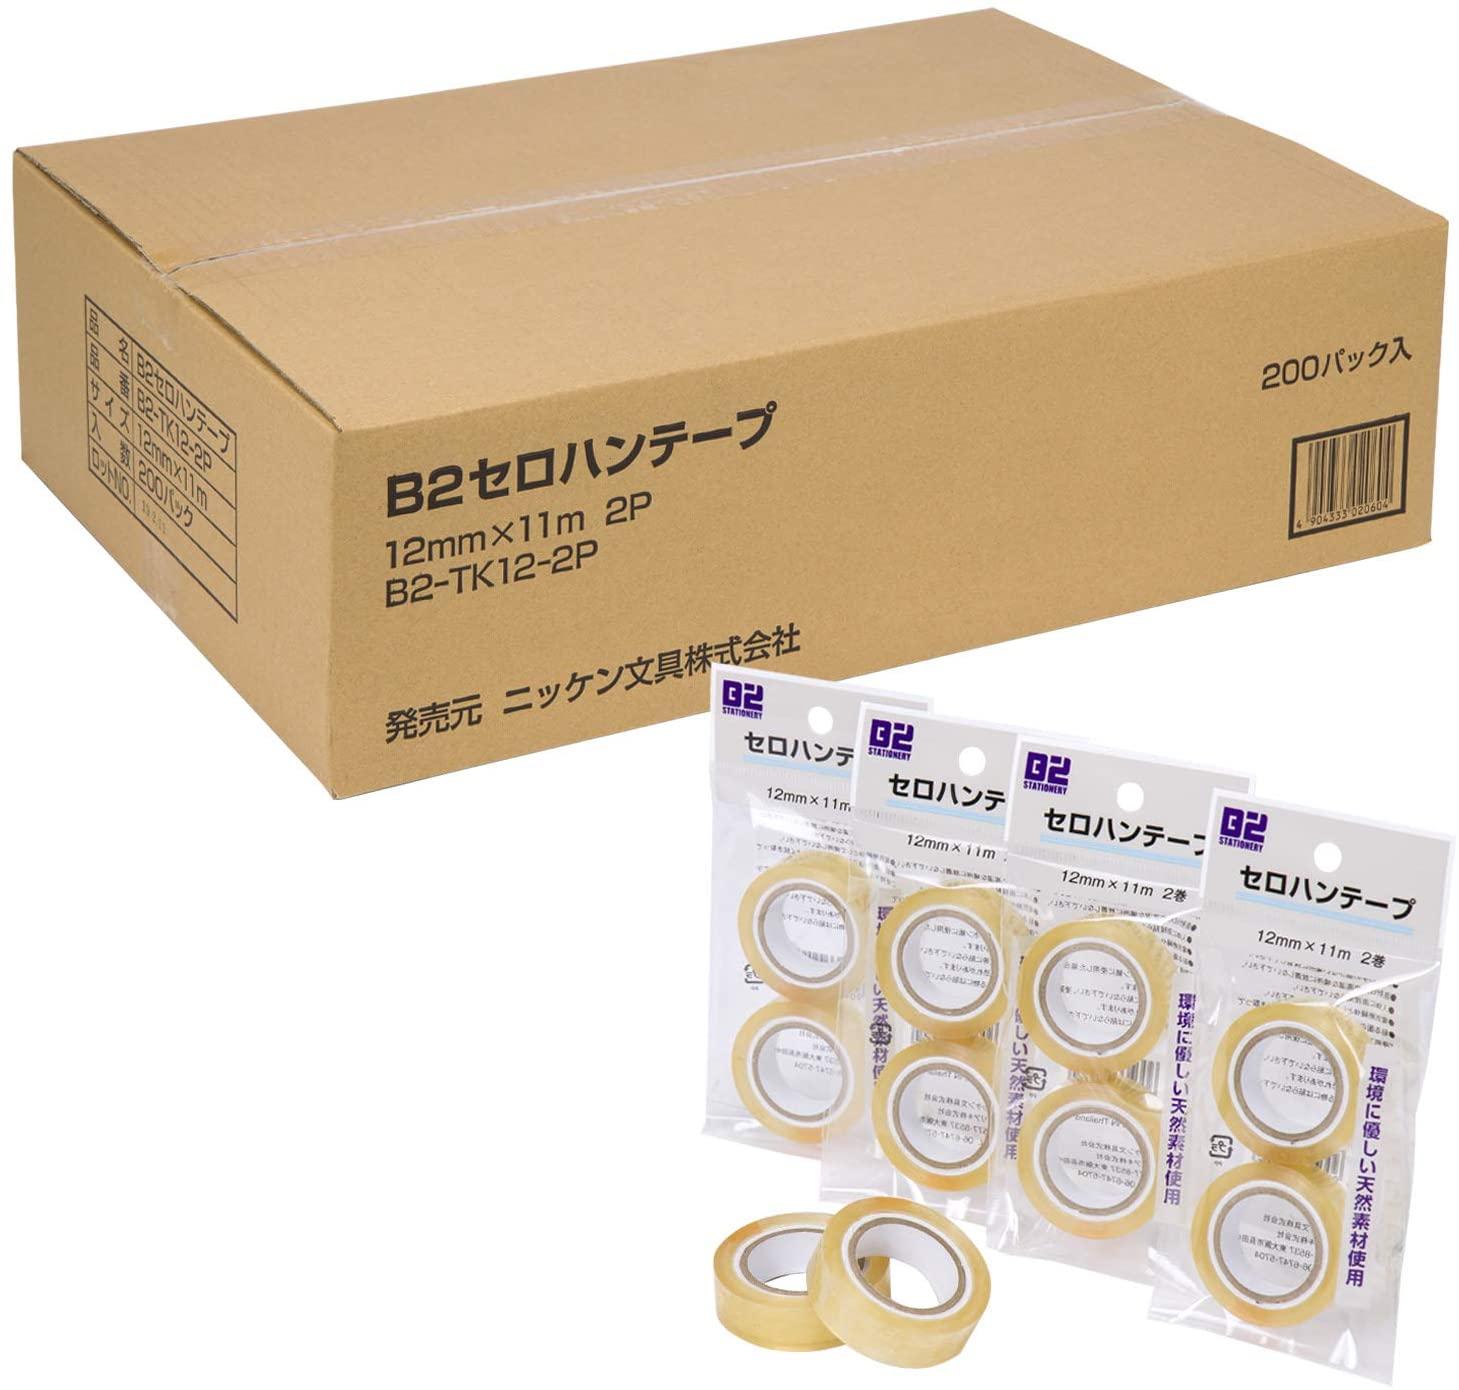 ニッケン文具 ホリアキ セロハンテープ 小巻 400巻 12mm幅×11m巻 B2-TK12-2P_200